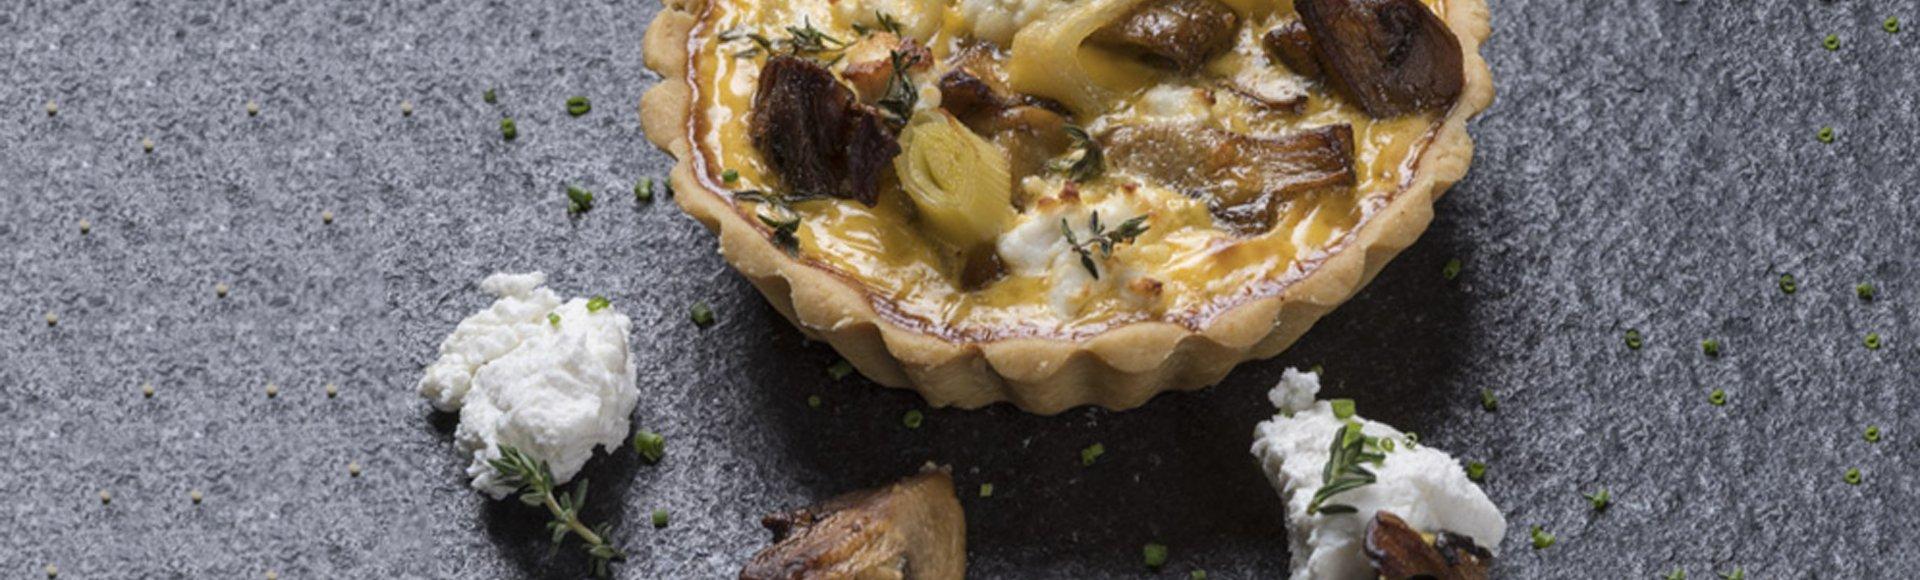 Τάρτα με μανιτάρια σοτέ, κατσικίσιο τυρί και λάδι λευκής τρούφας